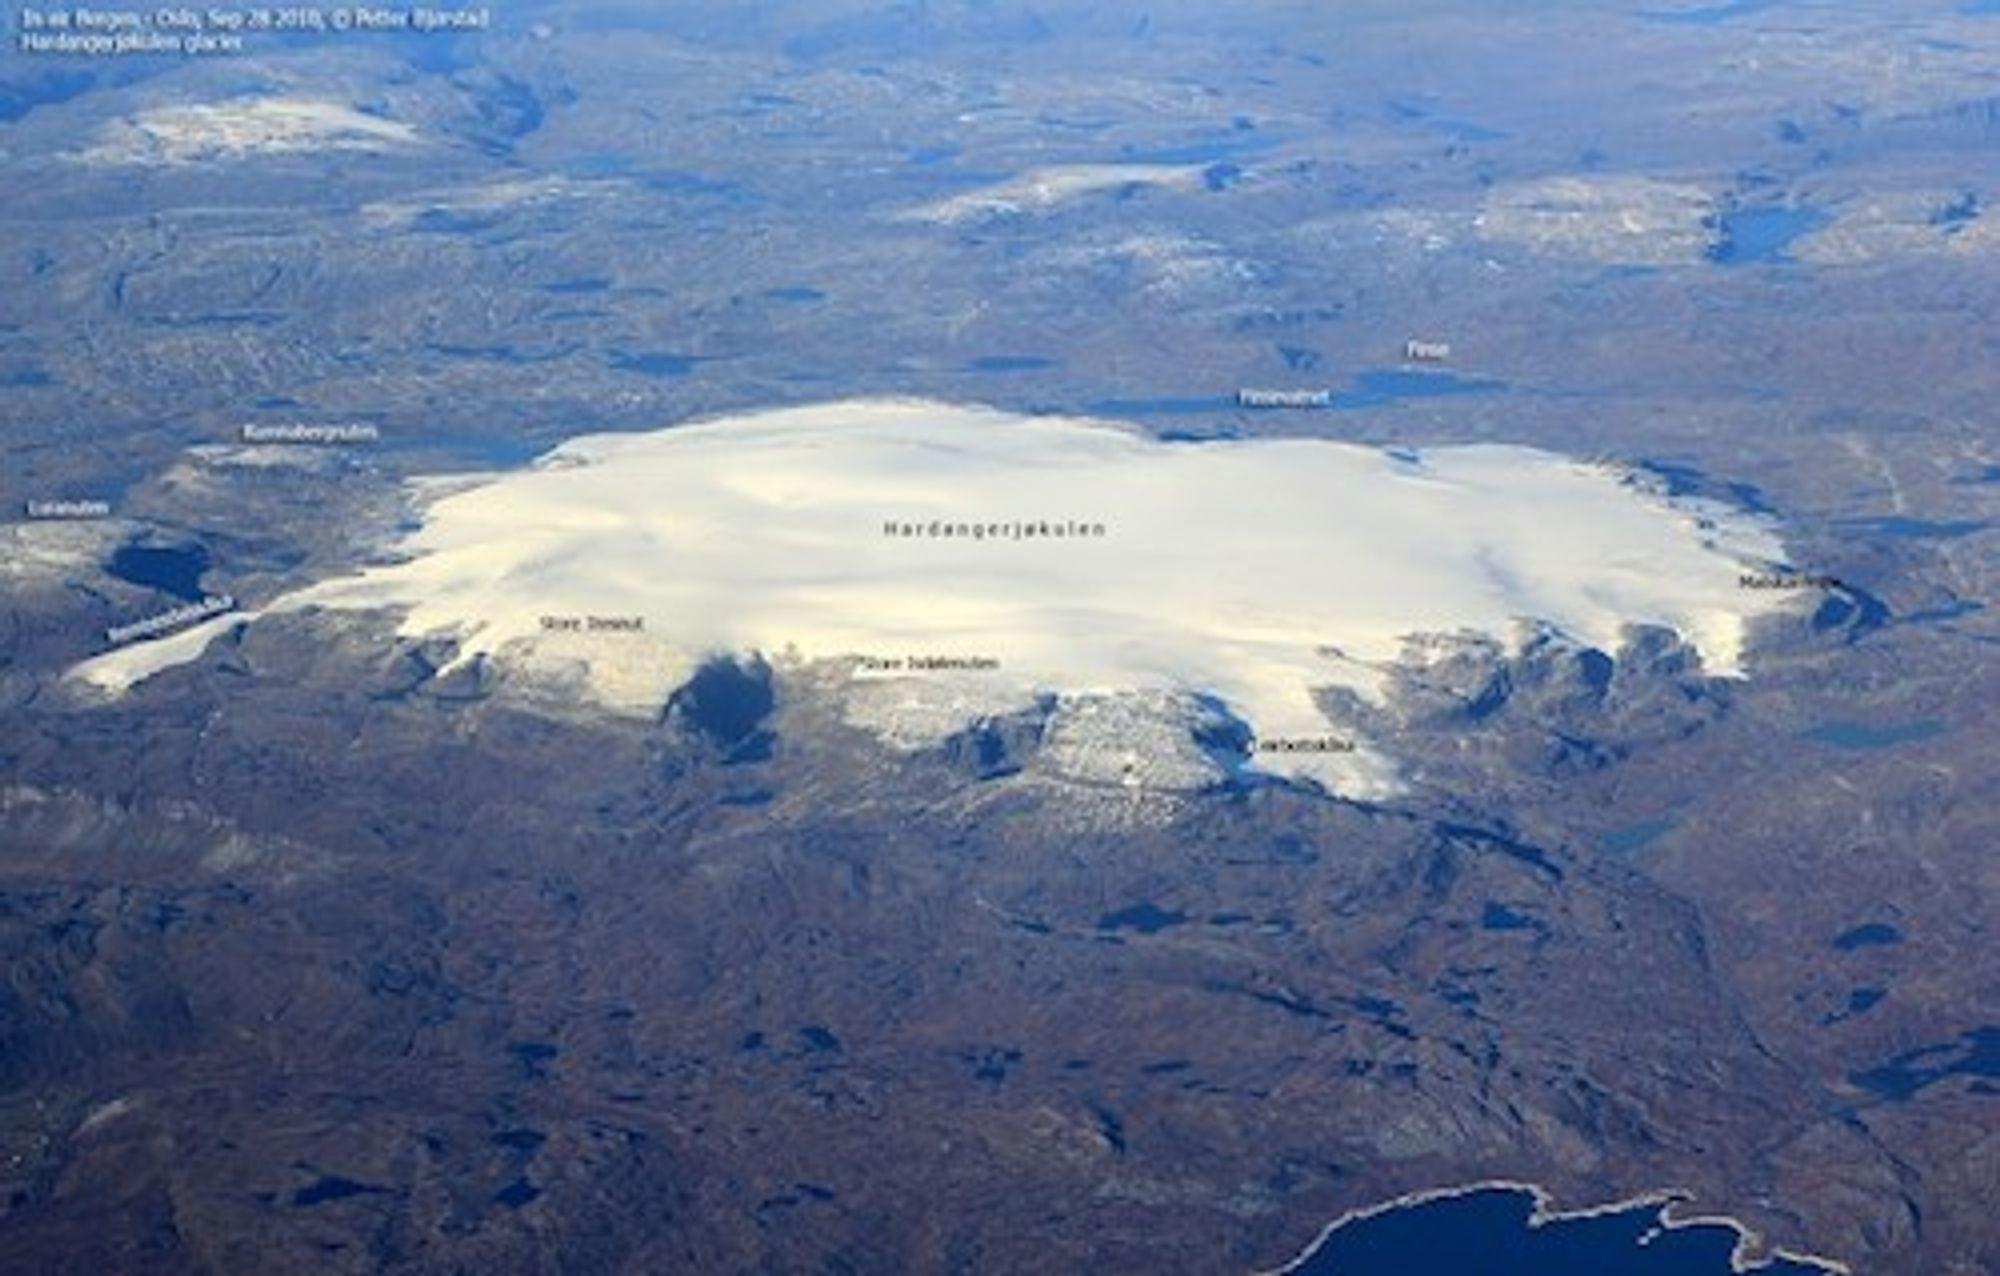 I bakgrunnen ses Finsevann og til venstre ses Rembesdalskåka, som er en stor breutløper.